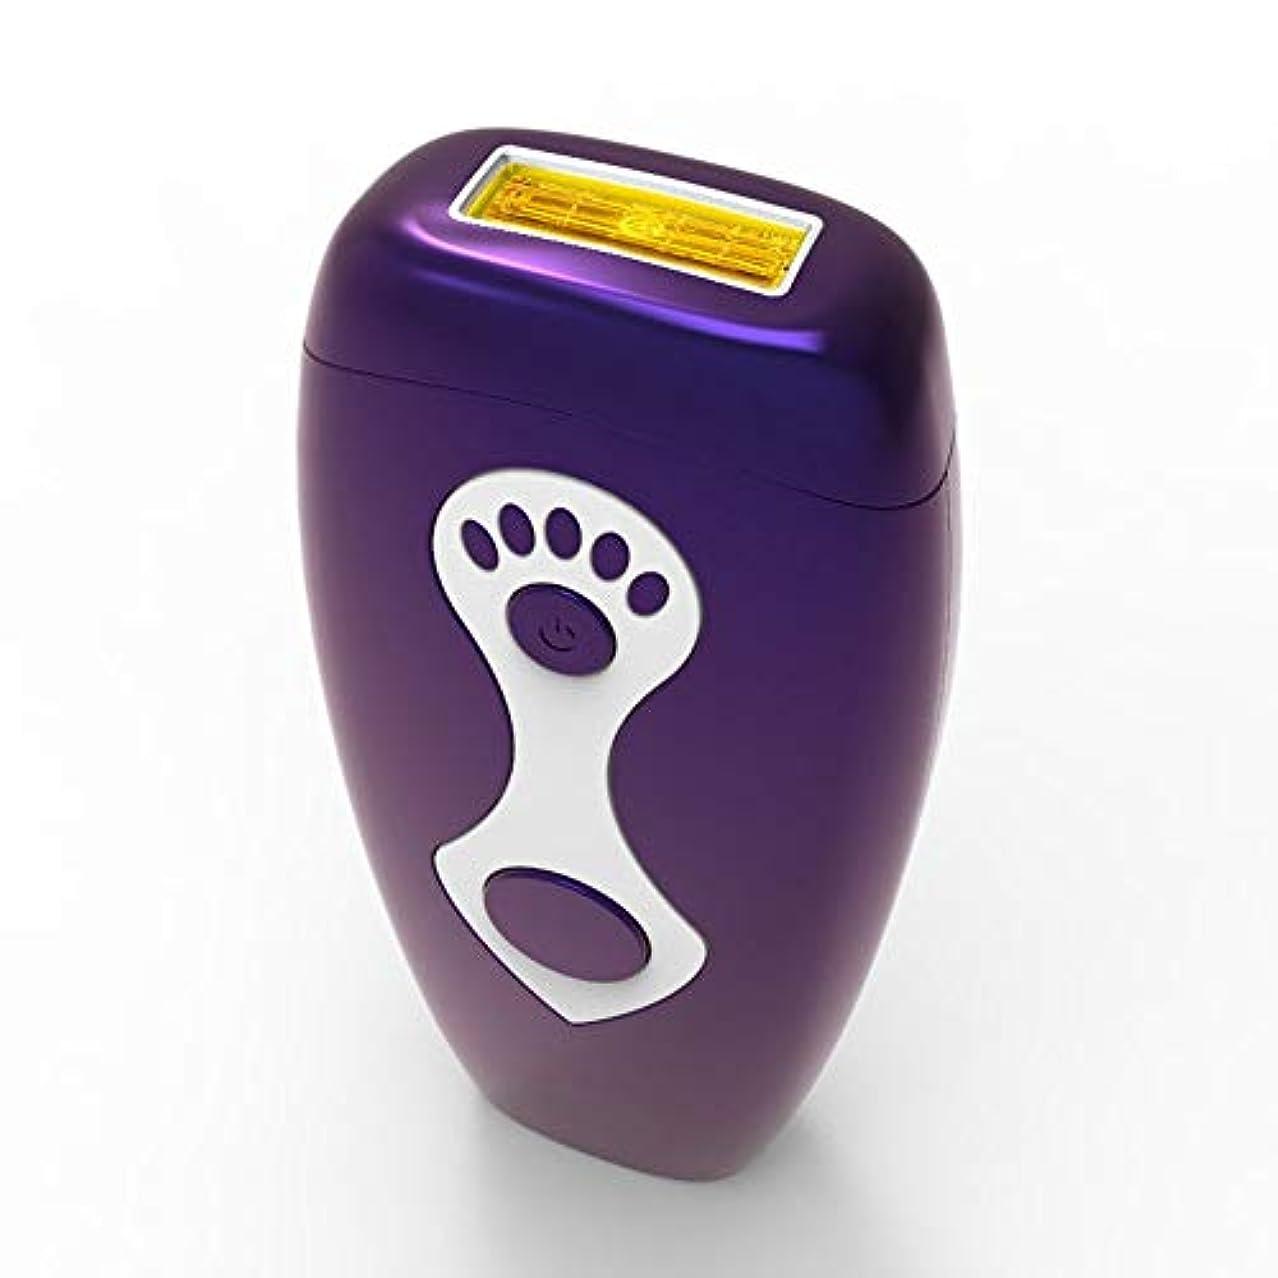 反対に物理的な信頼できるダパイ パーマネント脱毛、家庭用ニュートラルヘアリムーバー、柔らかい肌、マルチ運動エネルギー、安全性、グレード5無料調整、サイズ7.5×16.5 Cm U546 (Color : Purple)